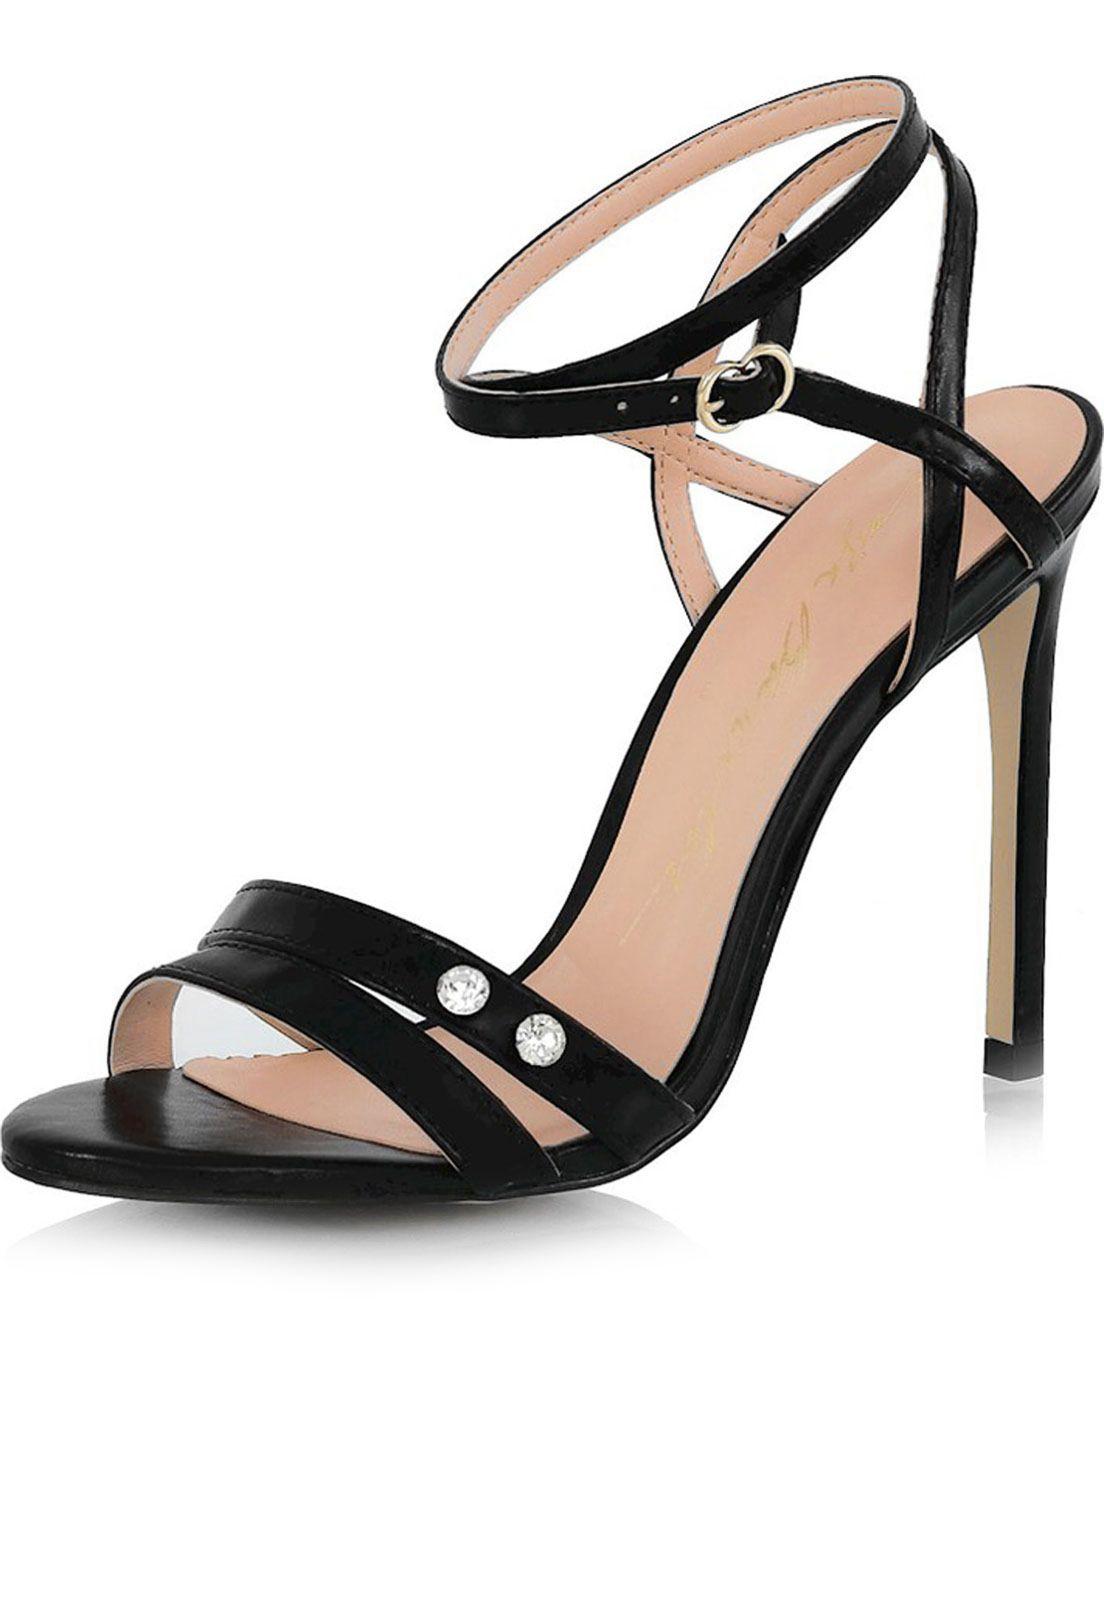 Sapato Alto Luiza Barcelos de mulher salto grosso , compare